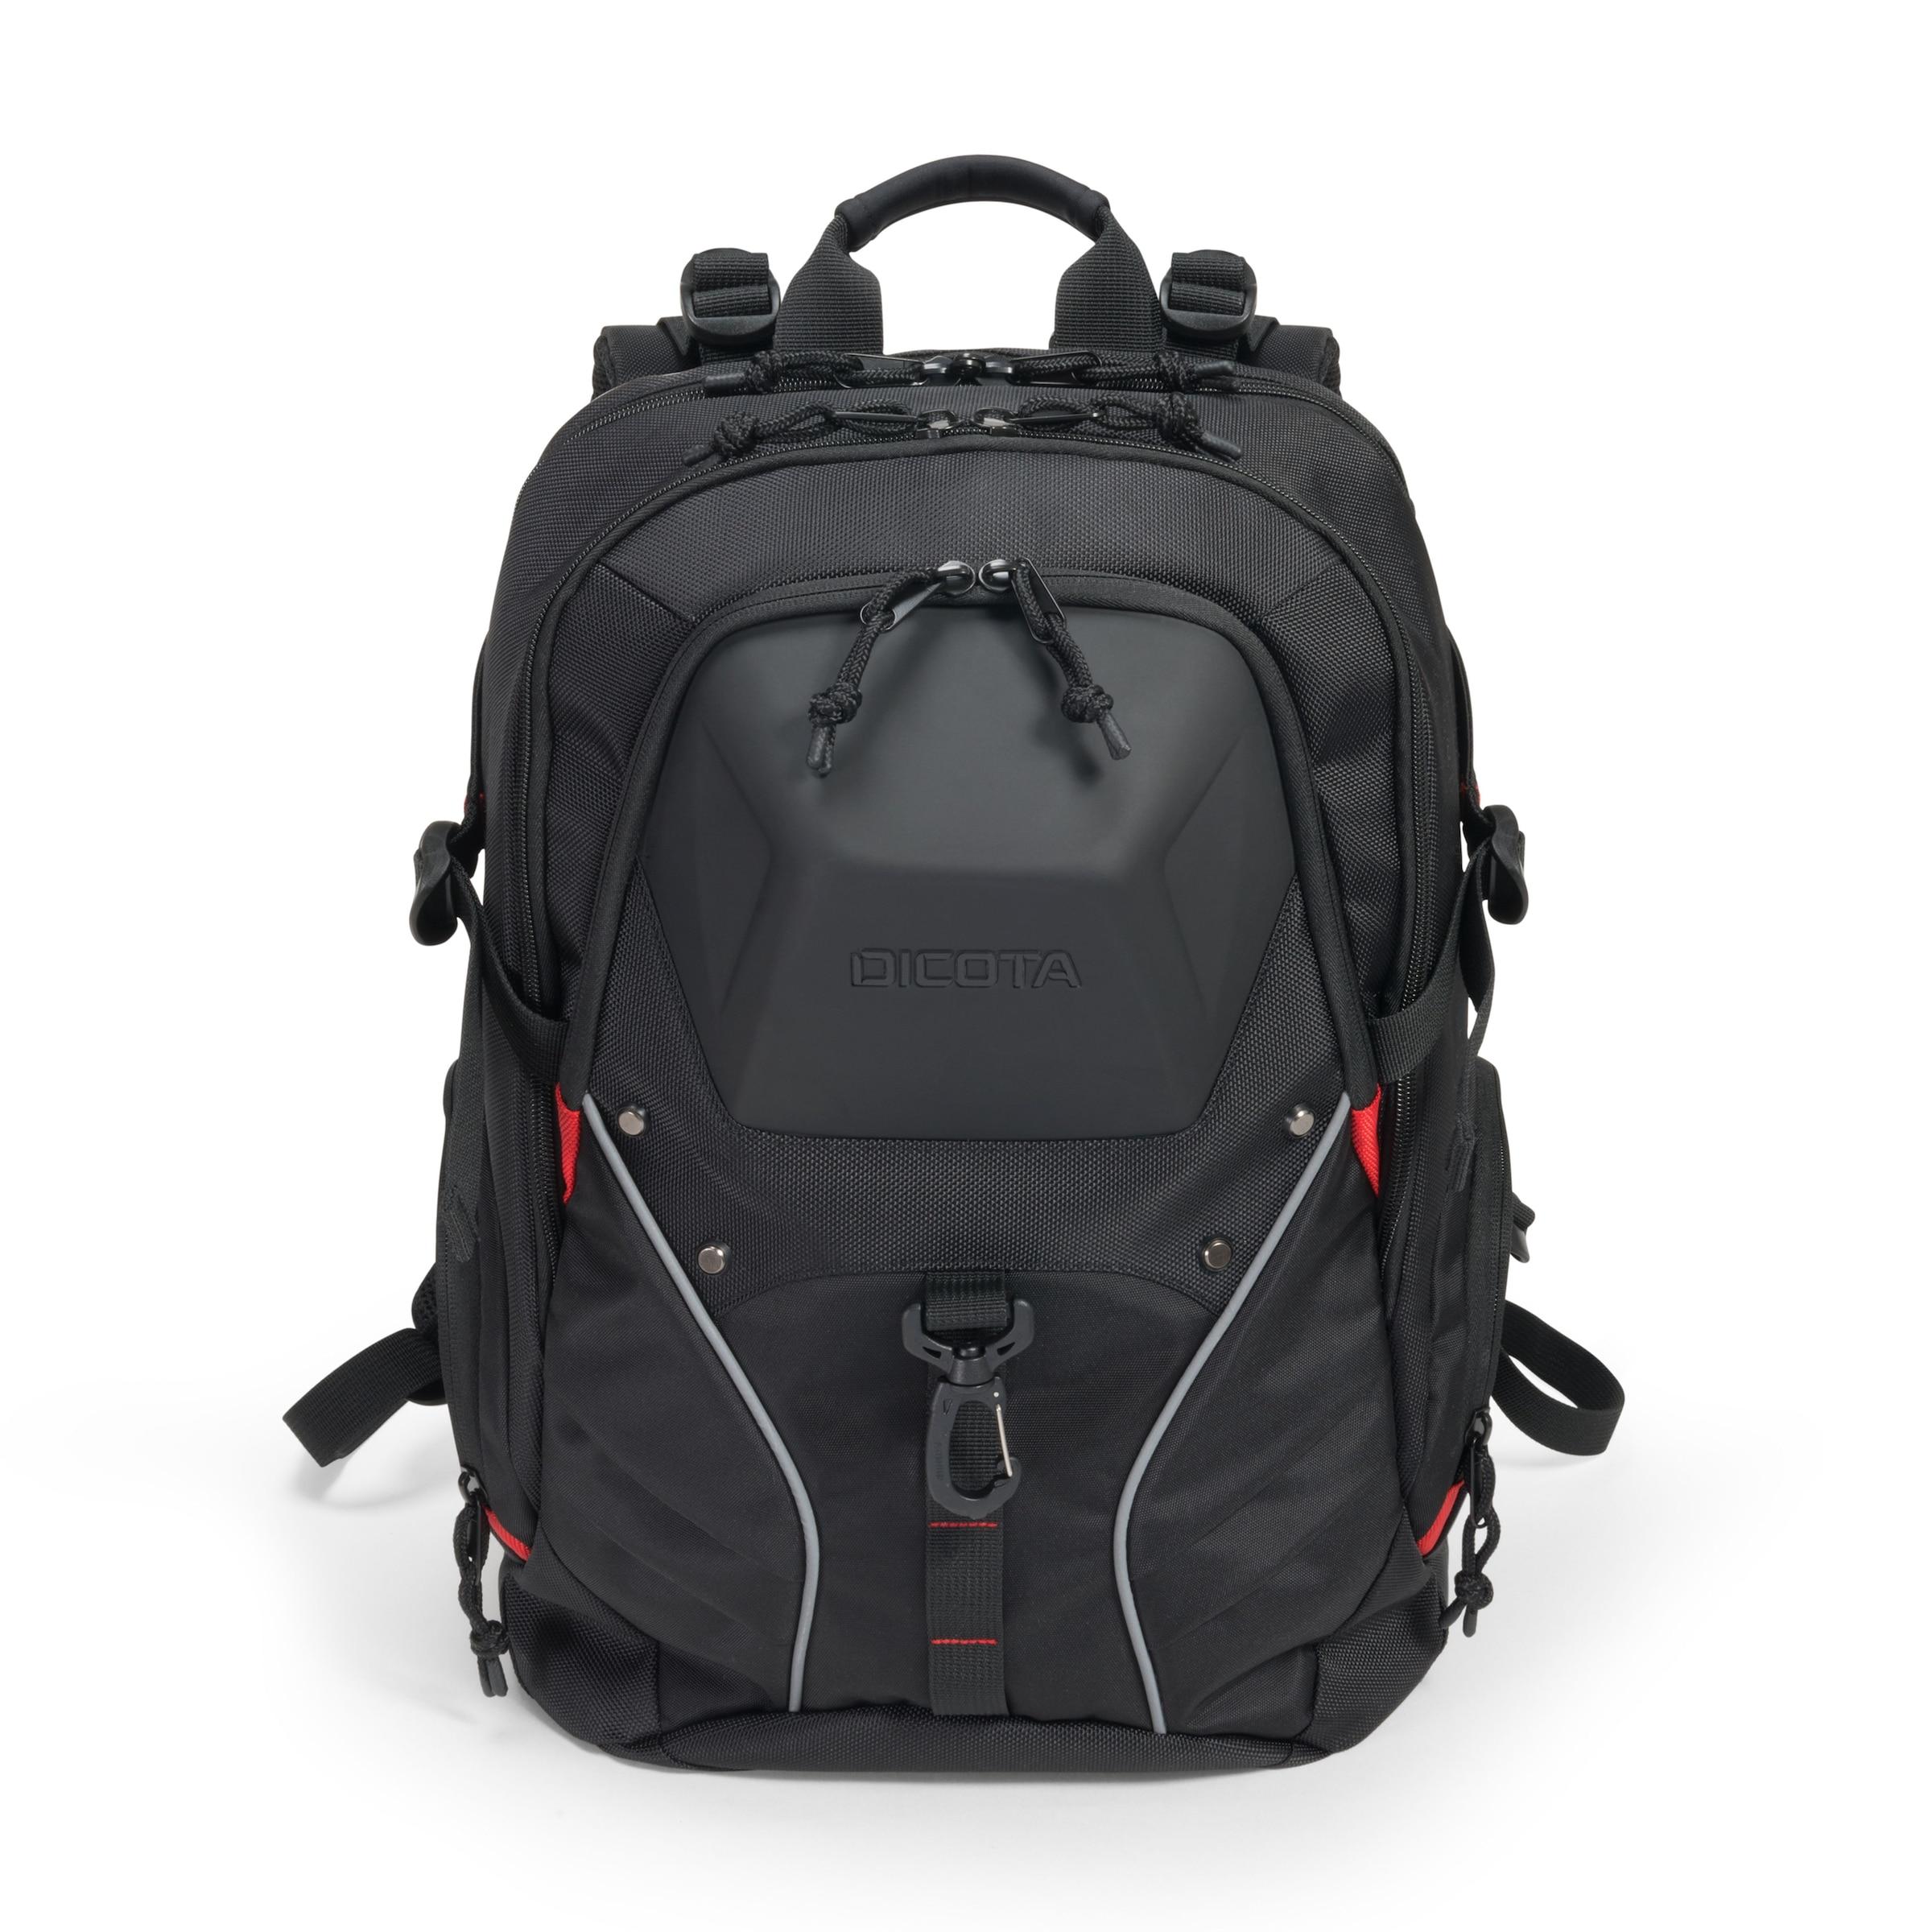 Realistisch Puma Pro Training Ii Football Backpack Rucksack Tasche Puma Black Neu Hochwertige Materialien Reisekoffer & -taschen